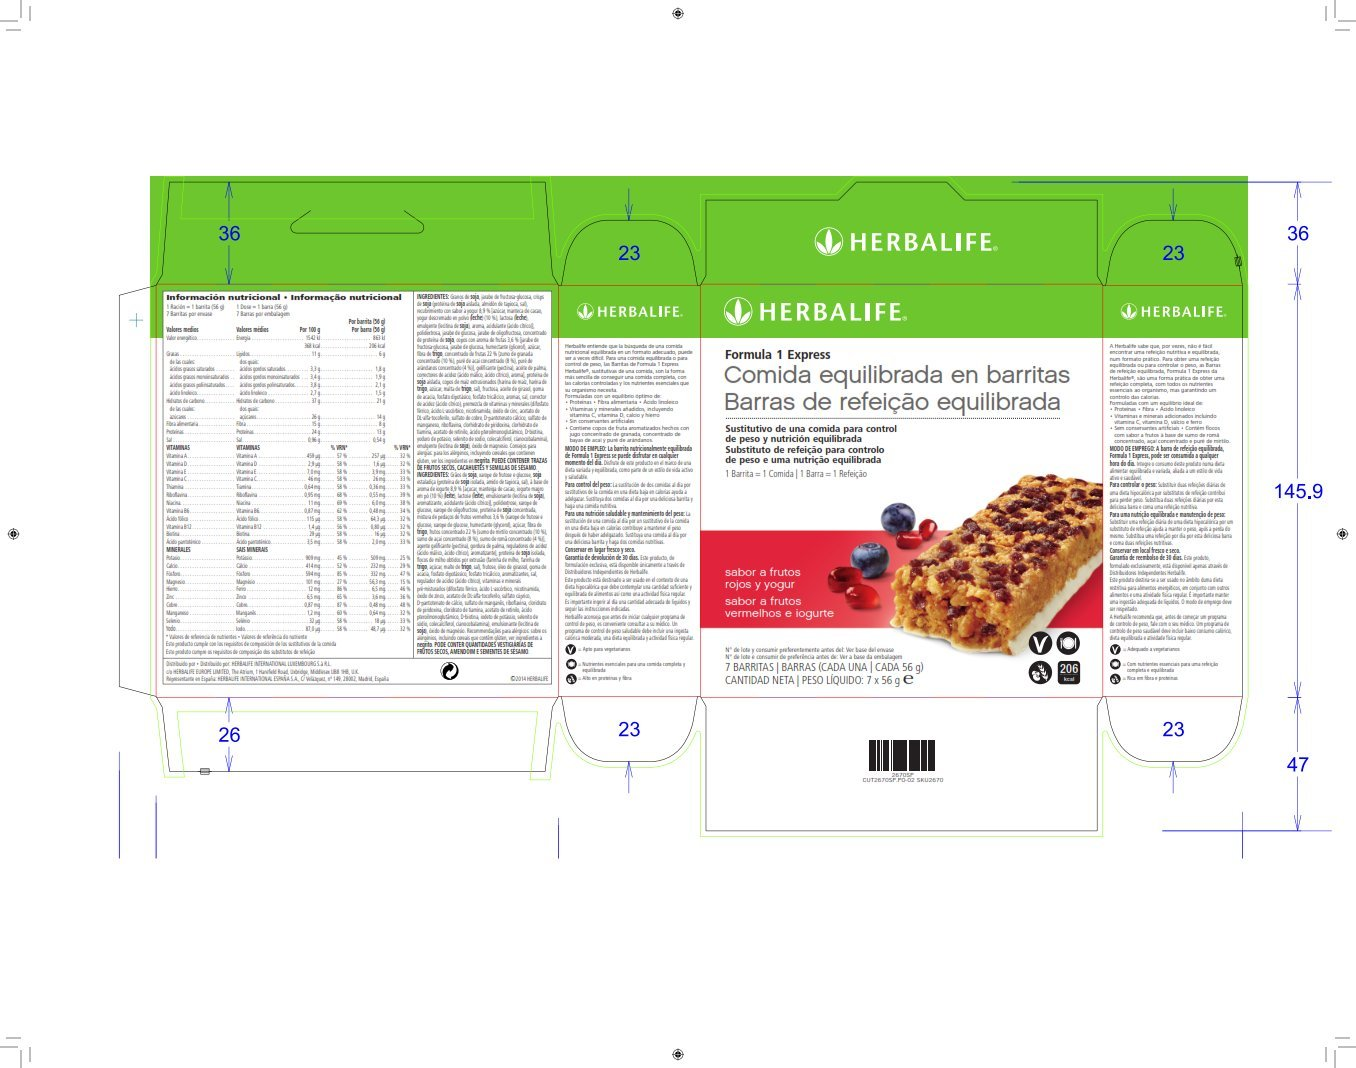 Barritas Fórmula 1 Express Frutos rojos y yogur, caja 7 barritas: Amazon.es: Electrónica